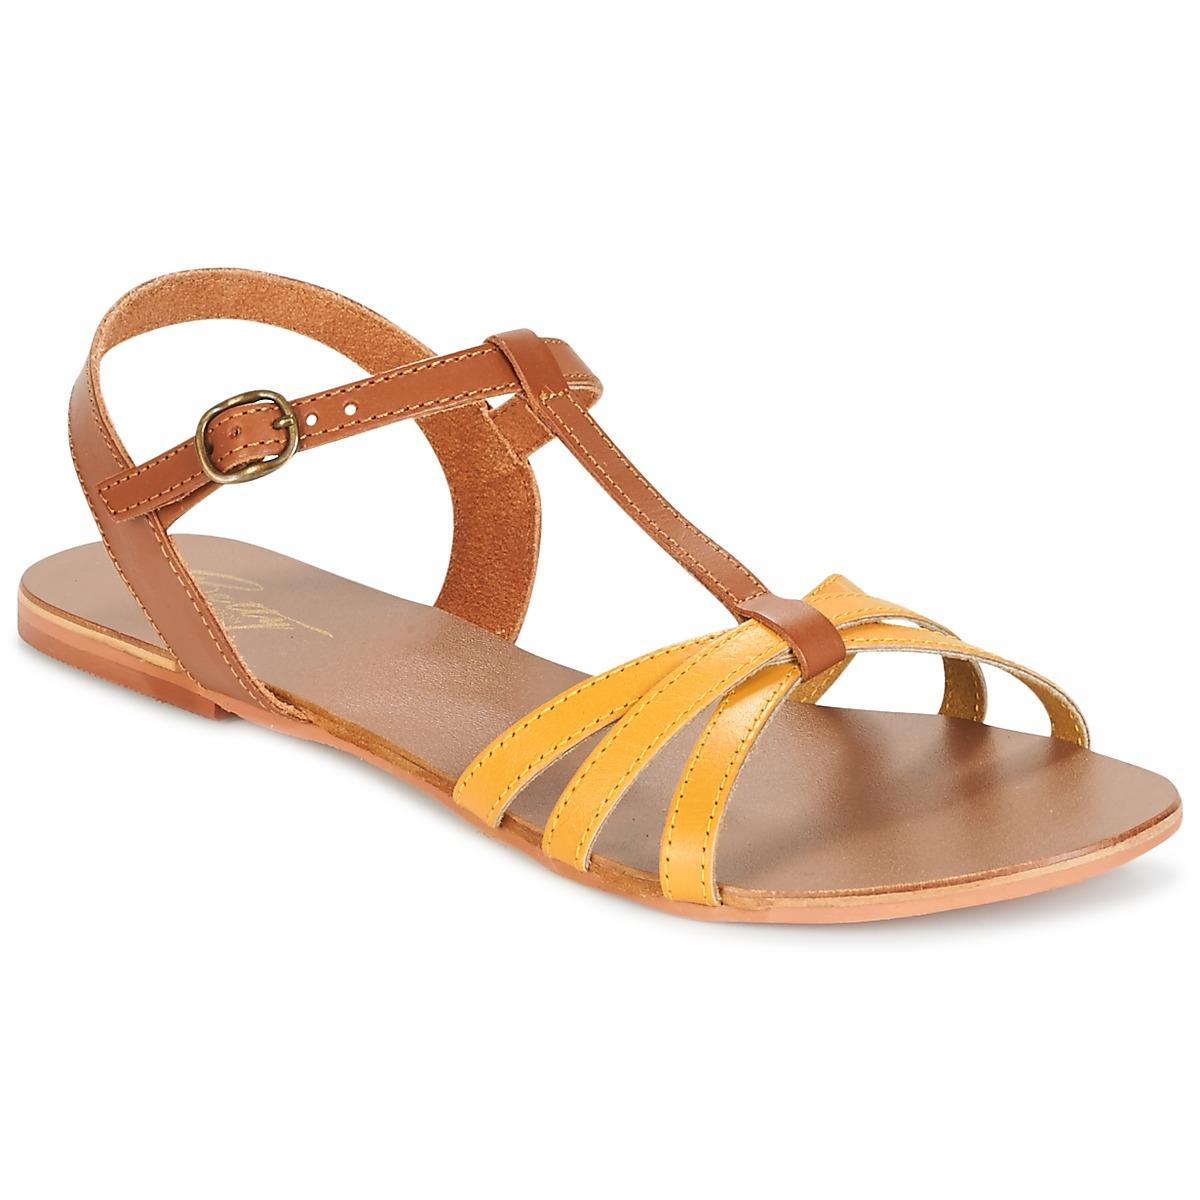 sandale femme - grand choix de sandales et nu-pieds - livraison